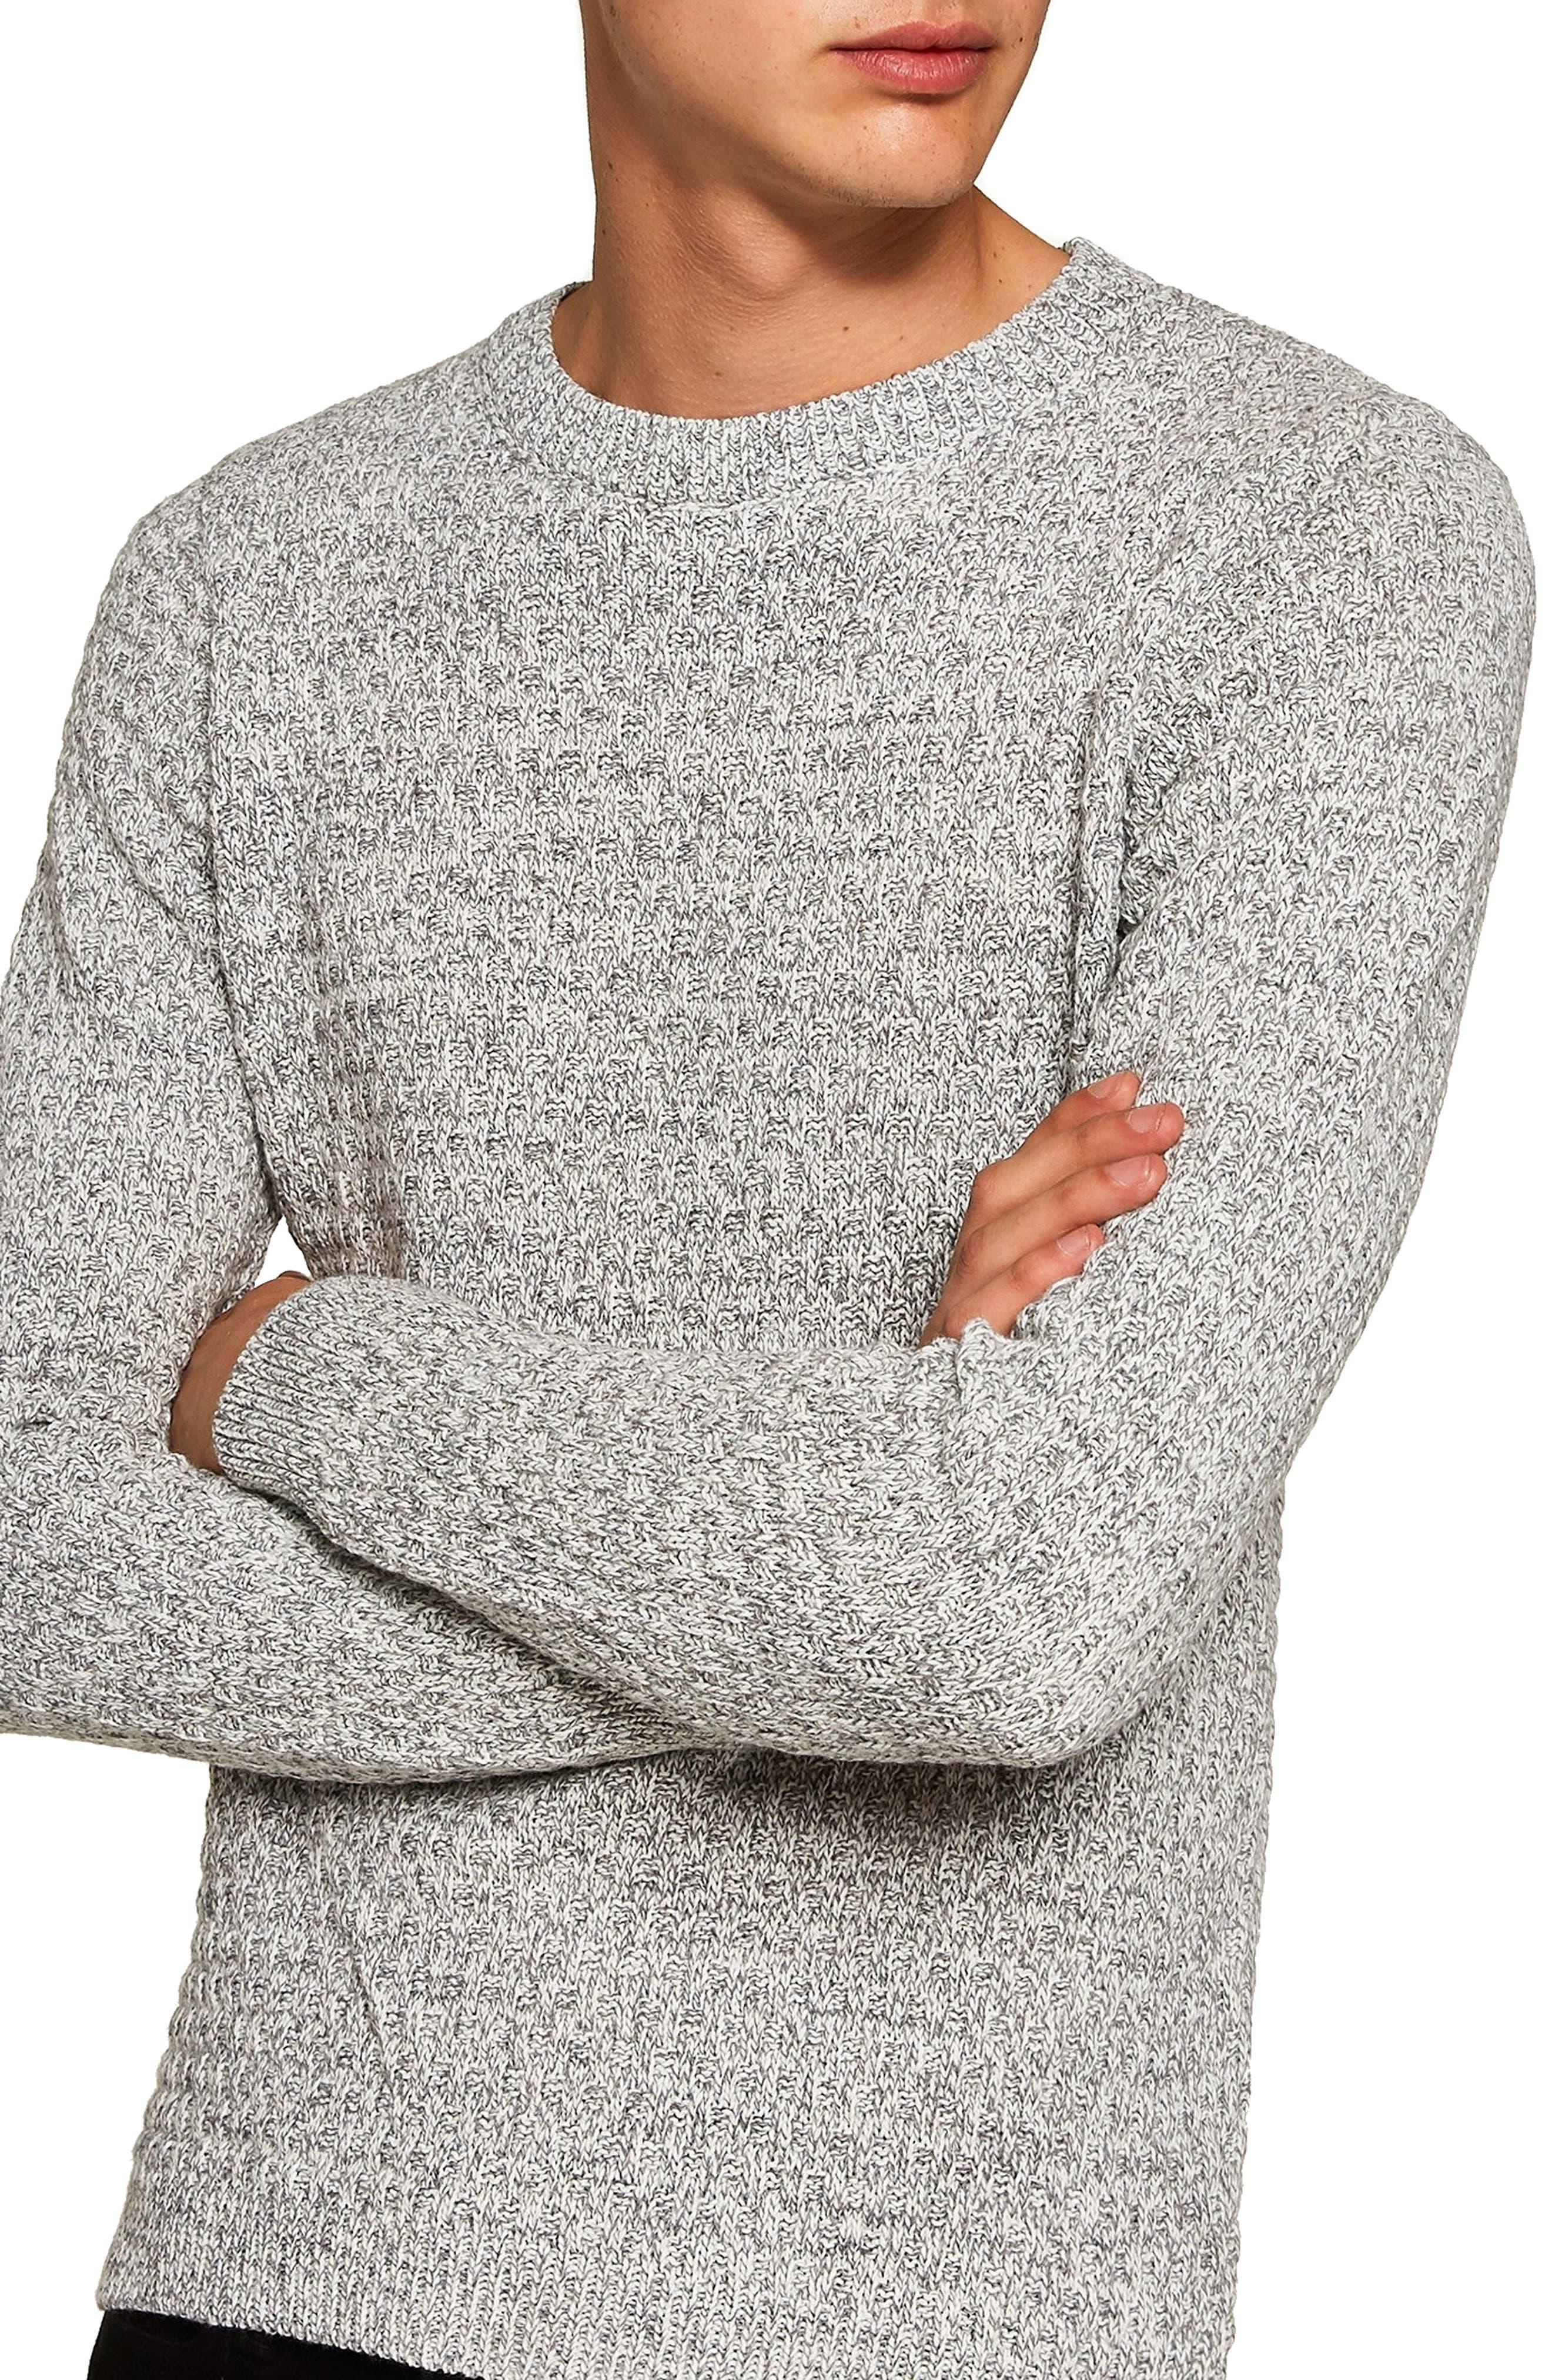 Textured Crewneck Sweater,                         Main,                         color, GREY